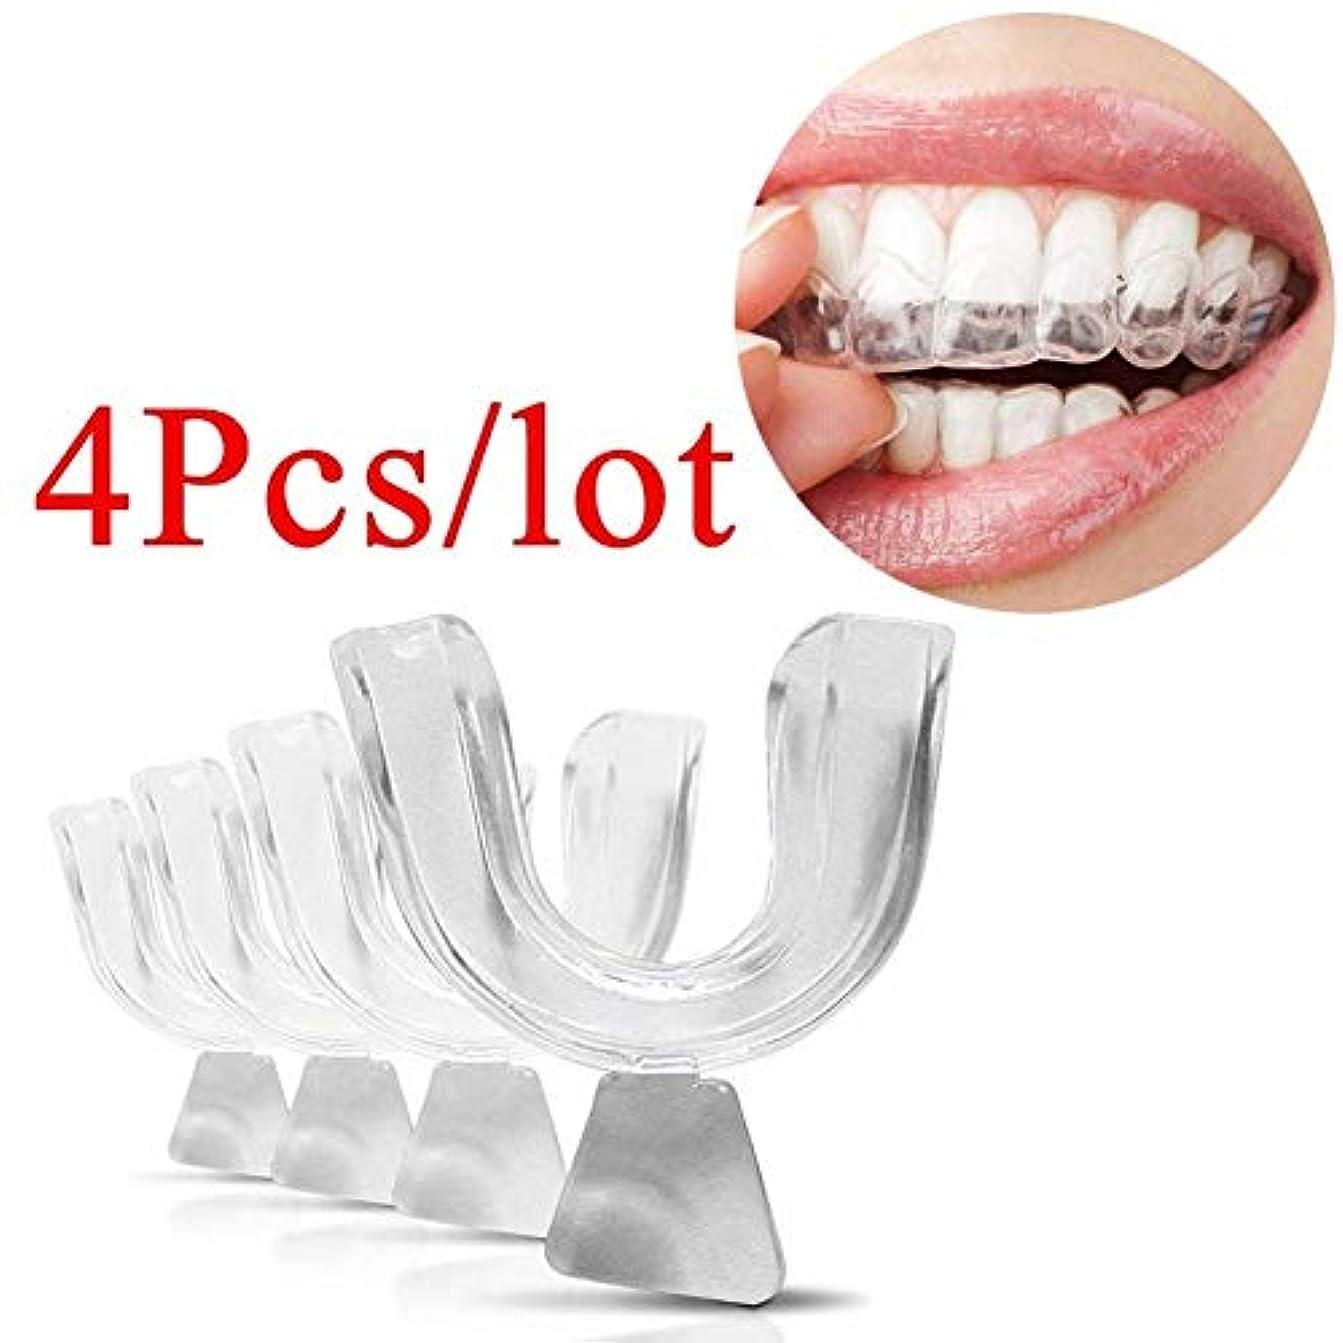 貧しい連鎖資金透明な食品等級を白くする安全な口の皿のMoldable歯科用歯の口の歯,4Pcs